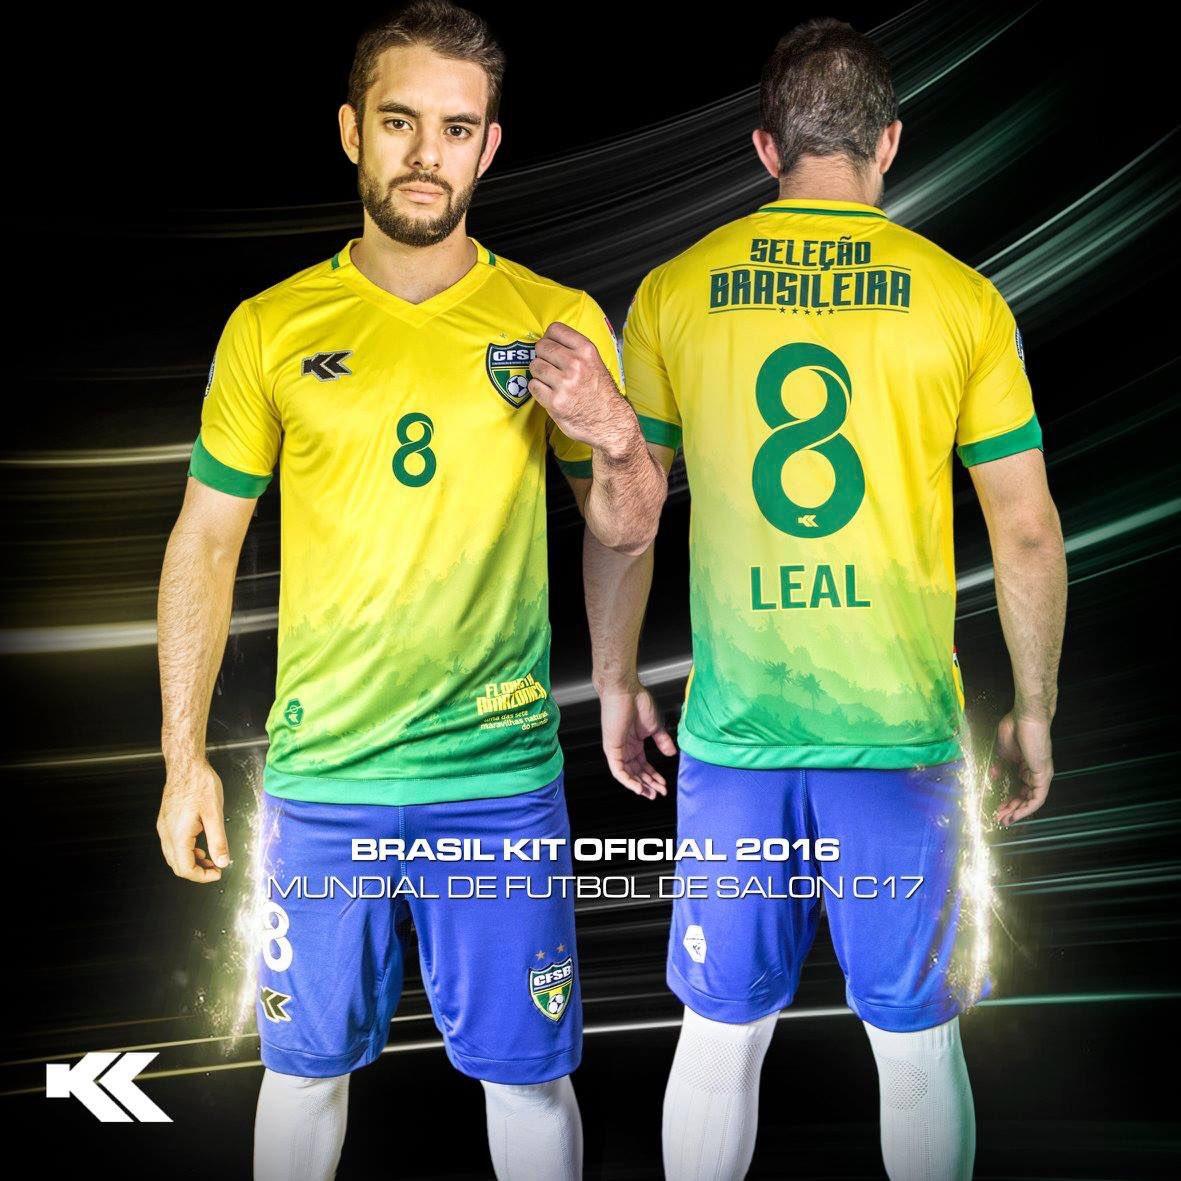 328faa8f35 Kyrios Sport lança novas camisas da Seleção Brasileira de futsal ...